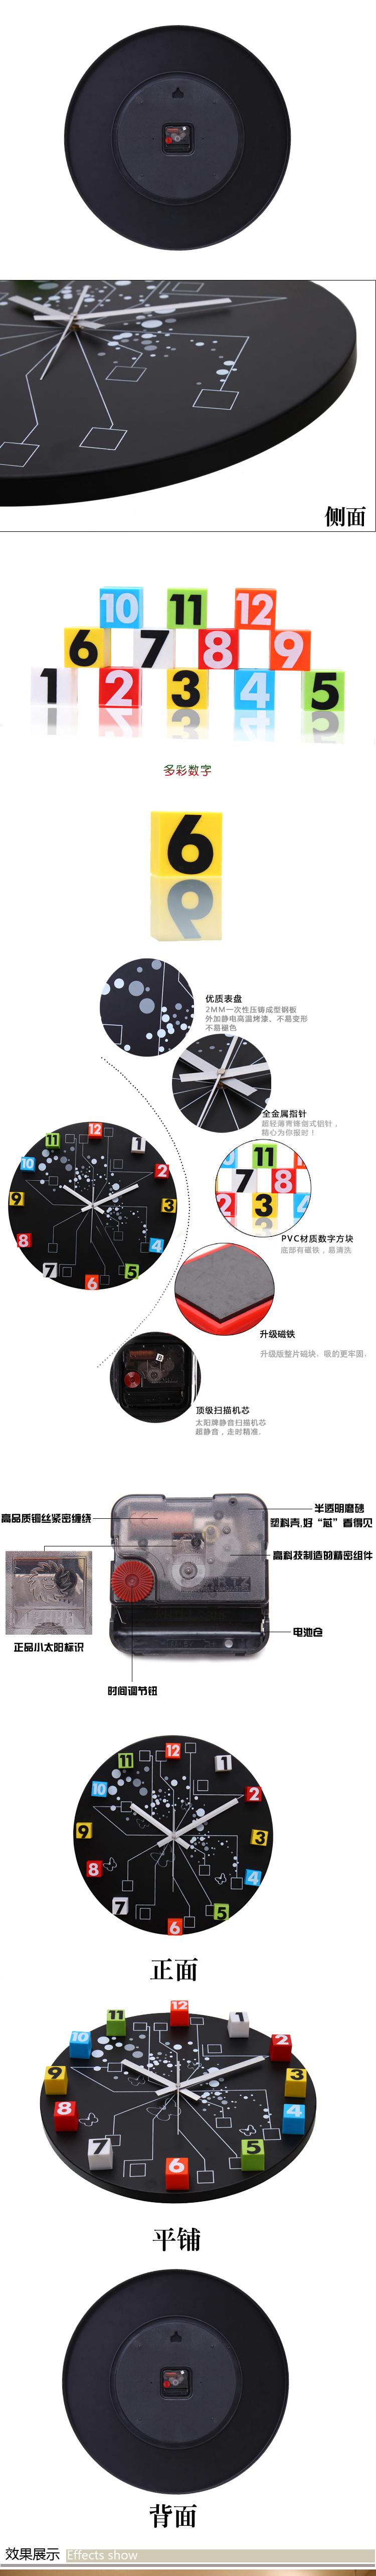 Hình ảnh nguồn hàng Đồng hồ treo tường sáng tạo giá sỉ quảng châu taobao 1688 trung quốc về TpHCM